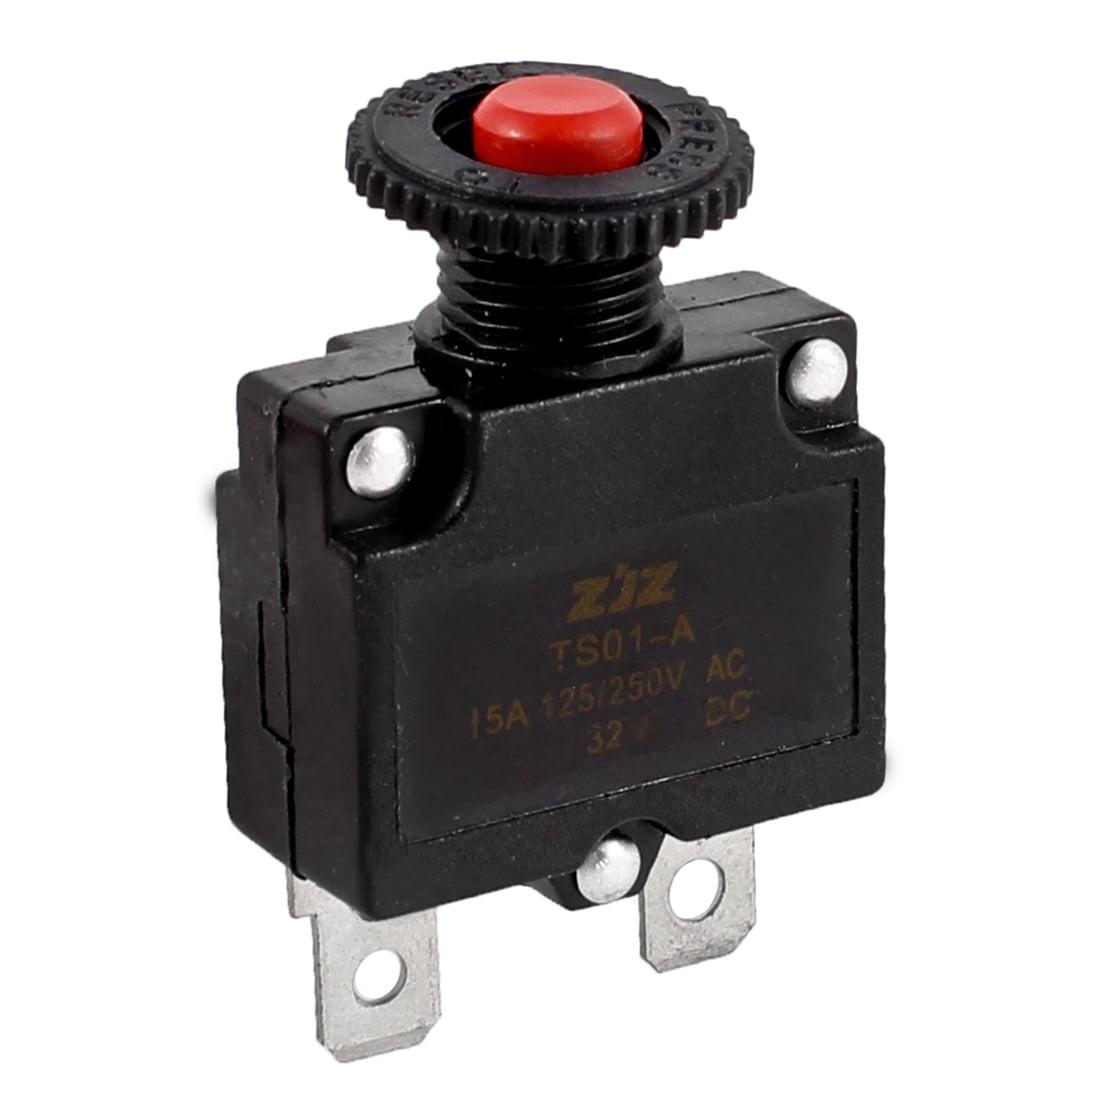 AC125/250V 15A 2 Pins Air Compressor Circuit Breaker Overload Protector